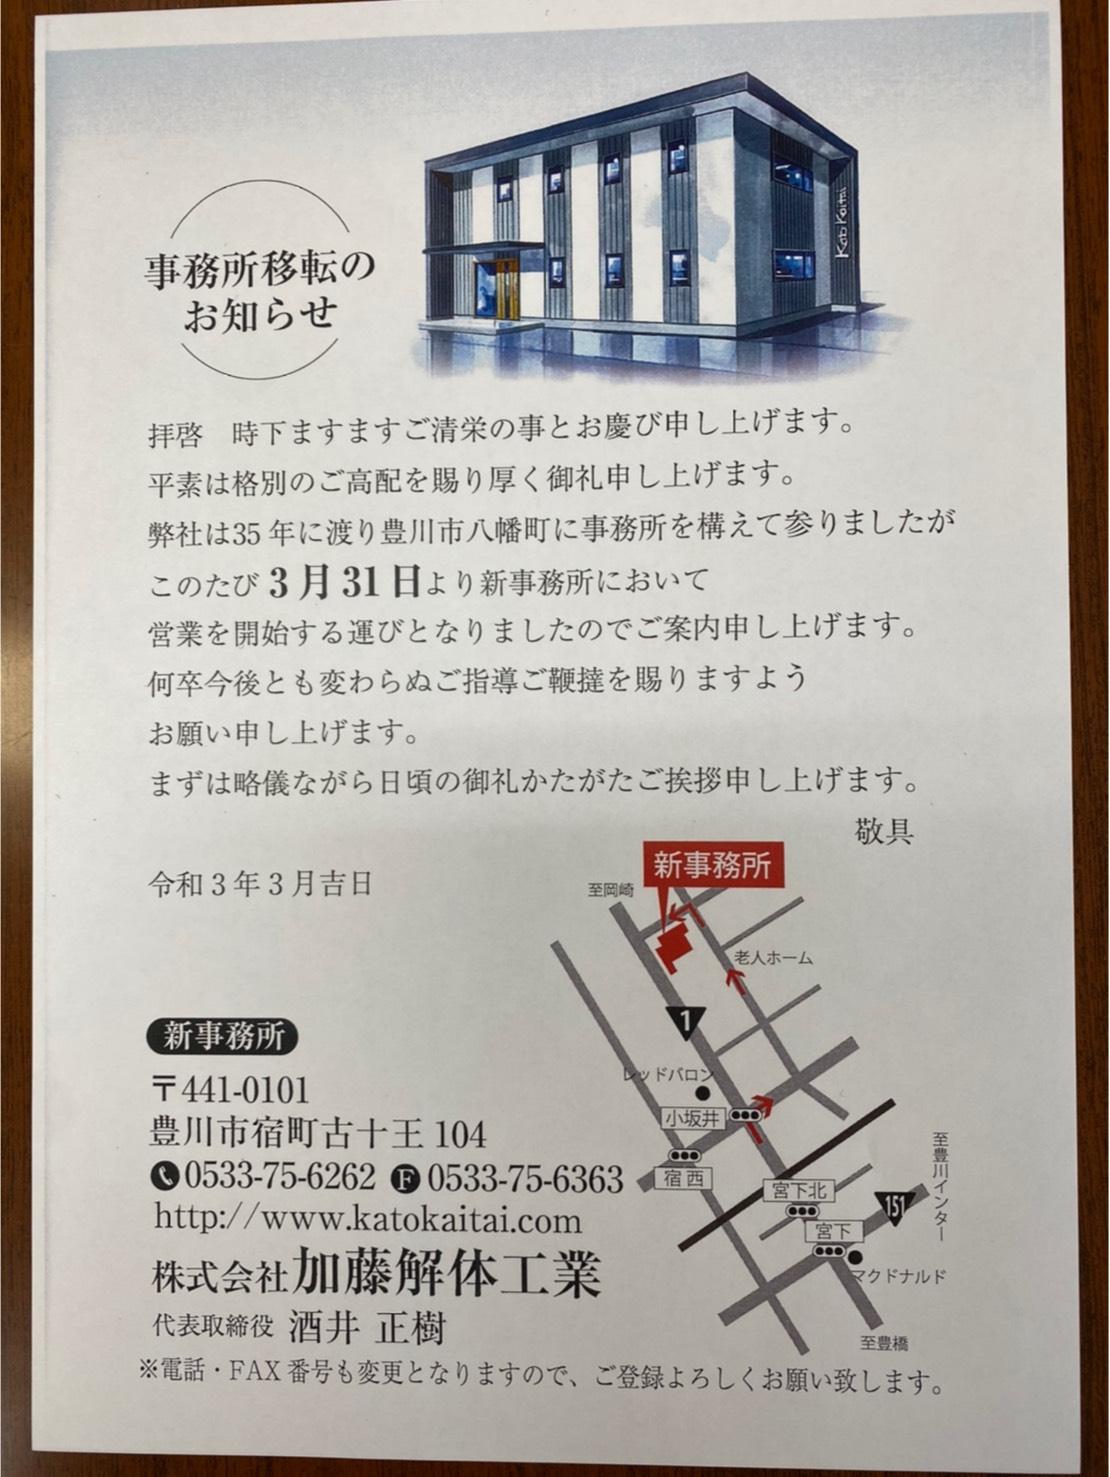 事務所移転のお知らせ(続報)